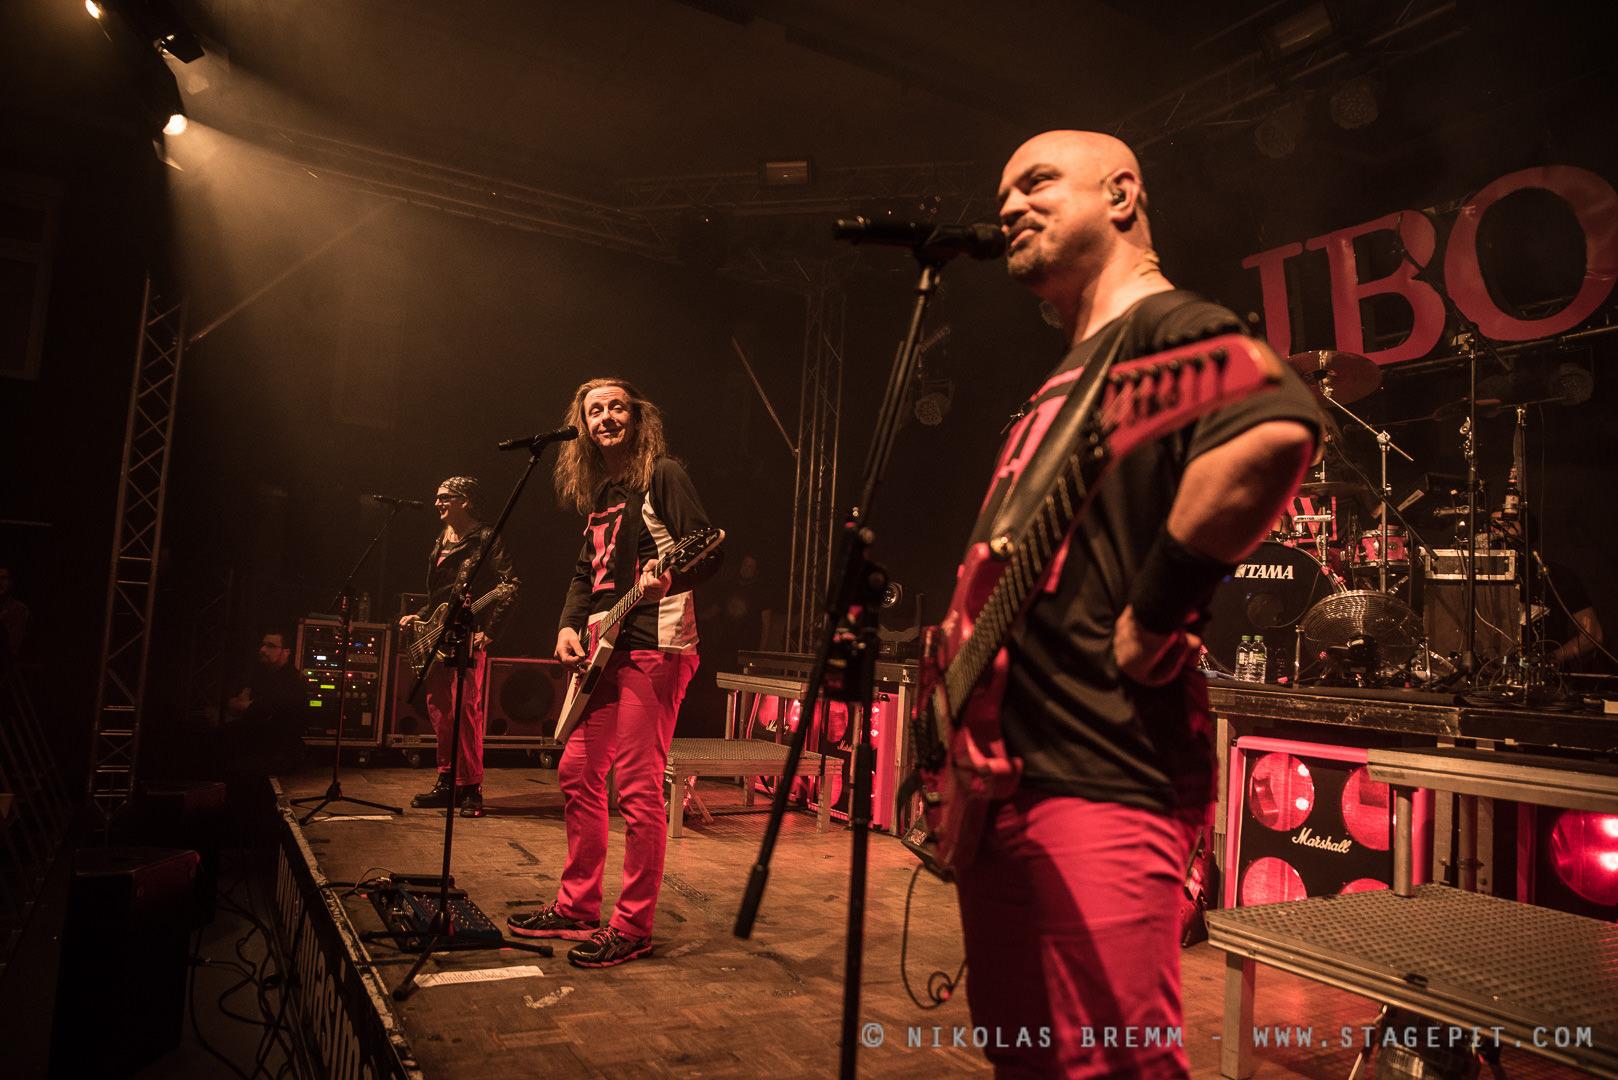 band-jbo-pirmasens-40